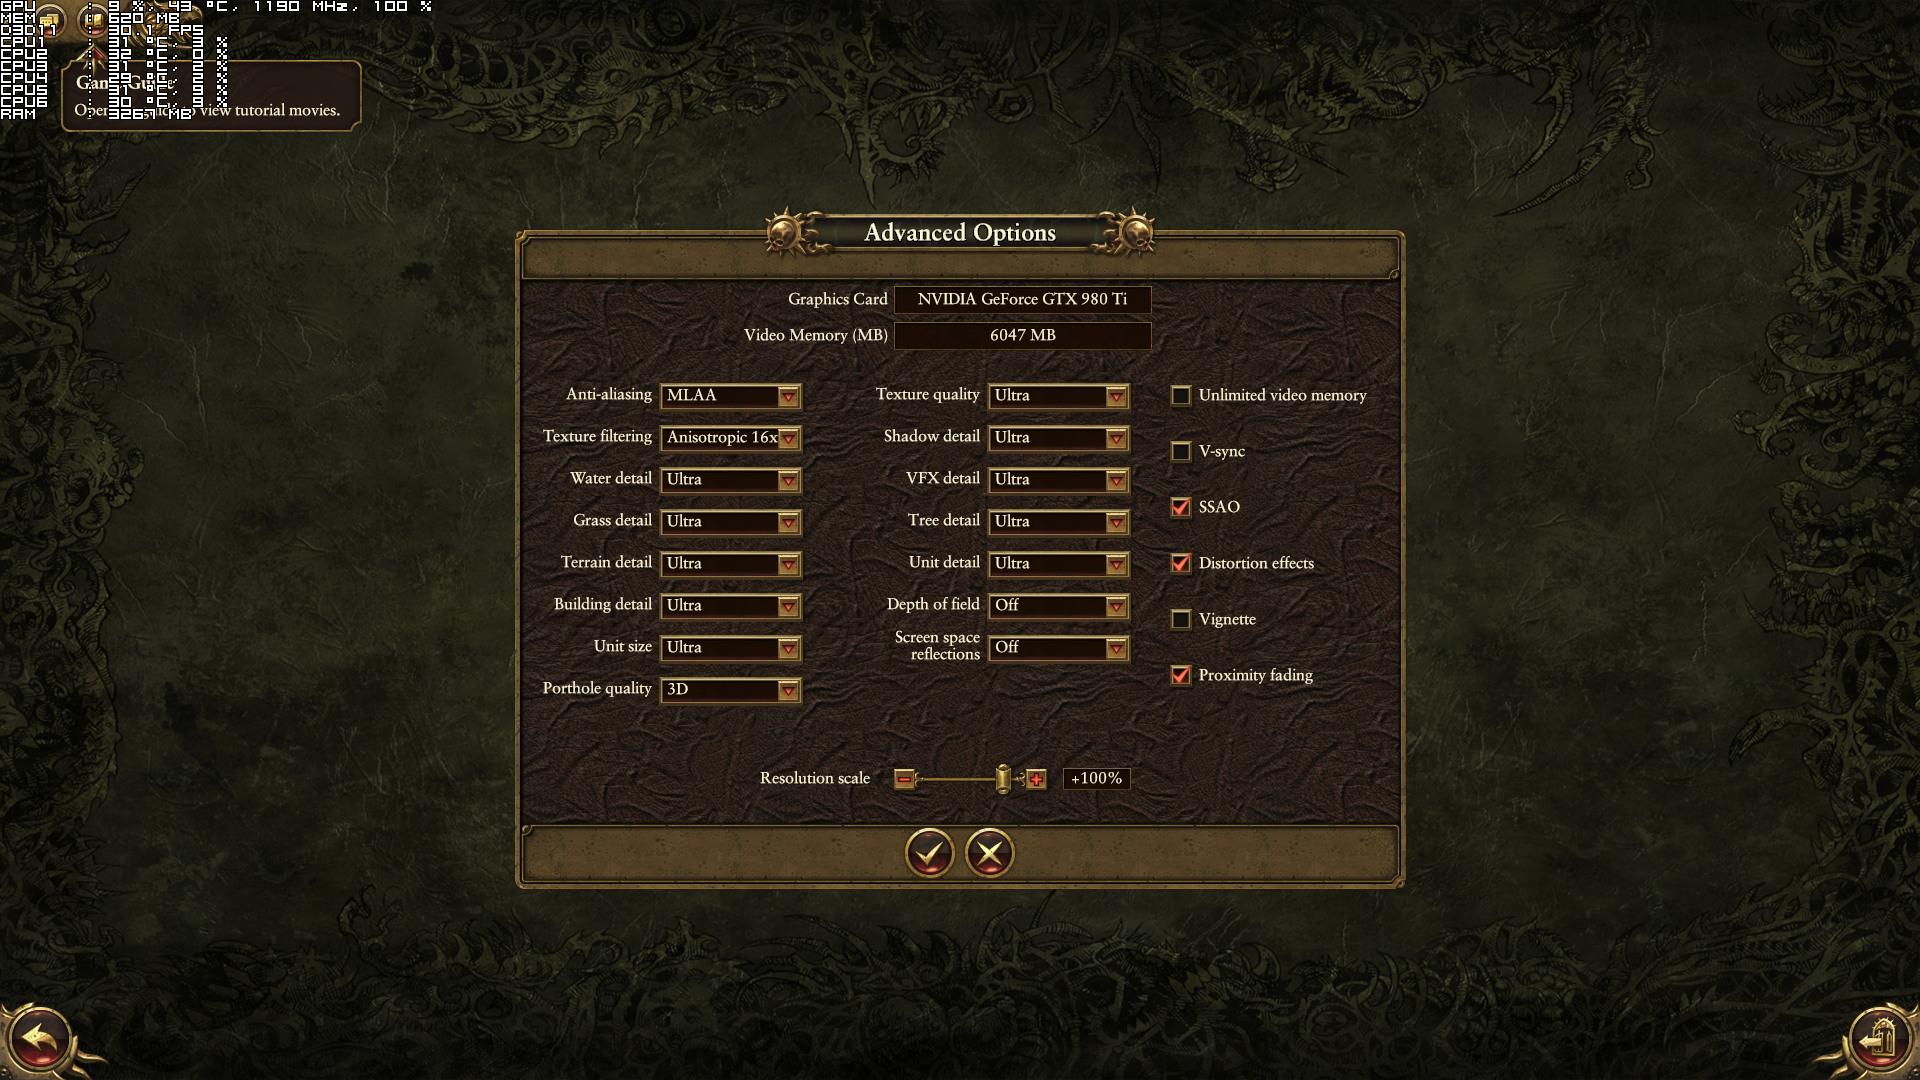 Warhammer_2016_05_23_02_32_05_593